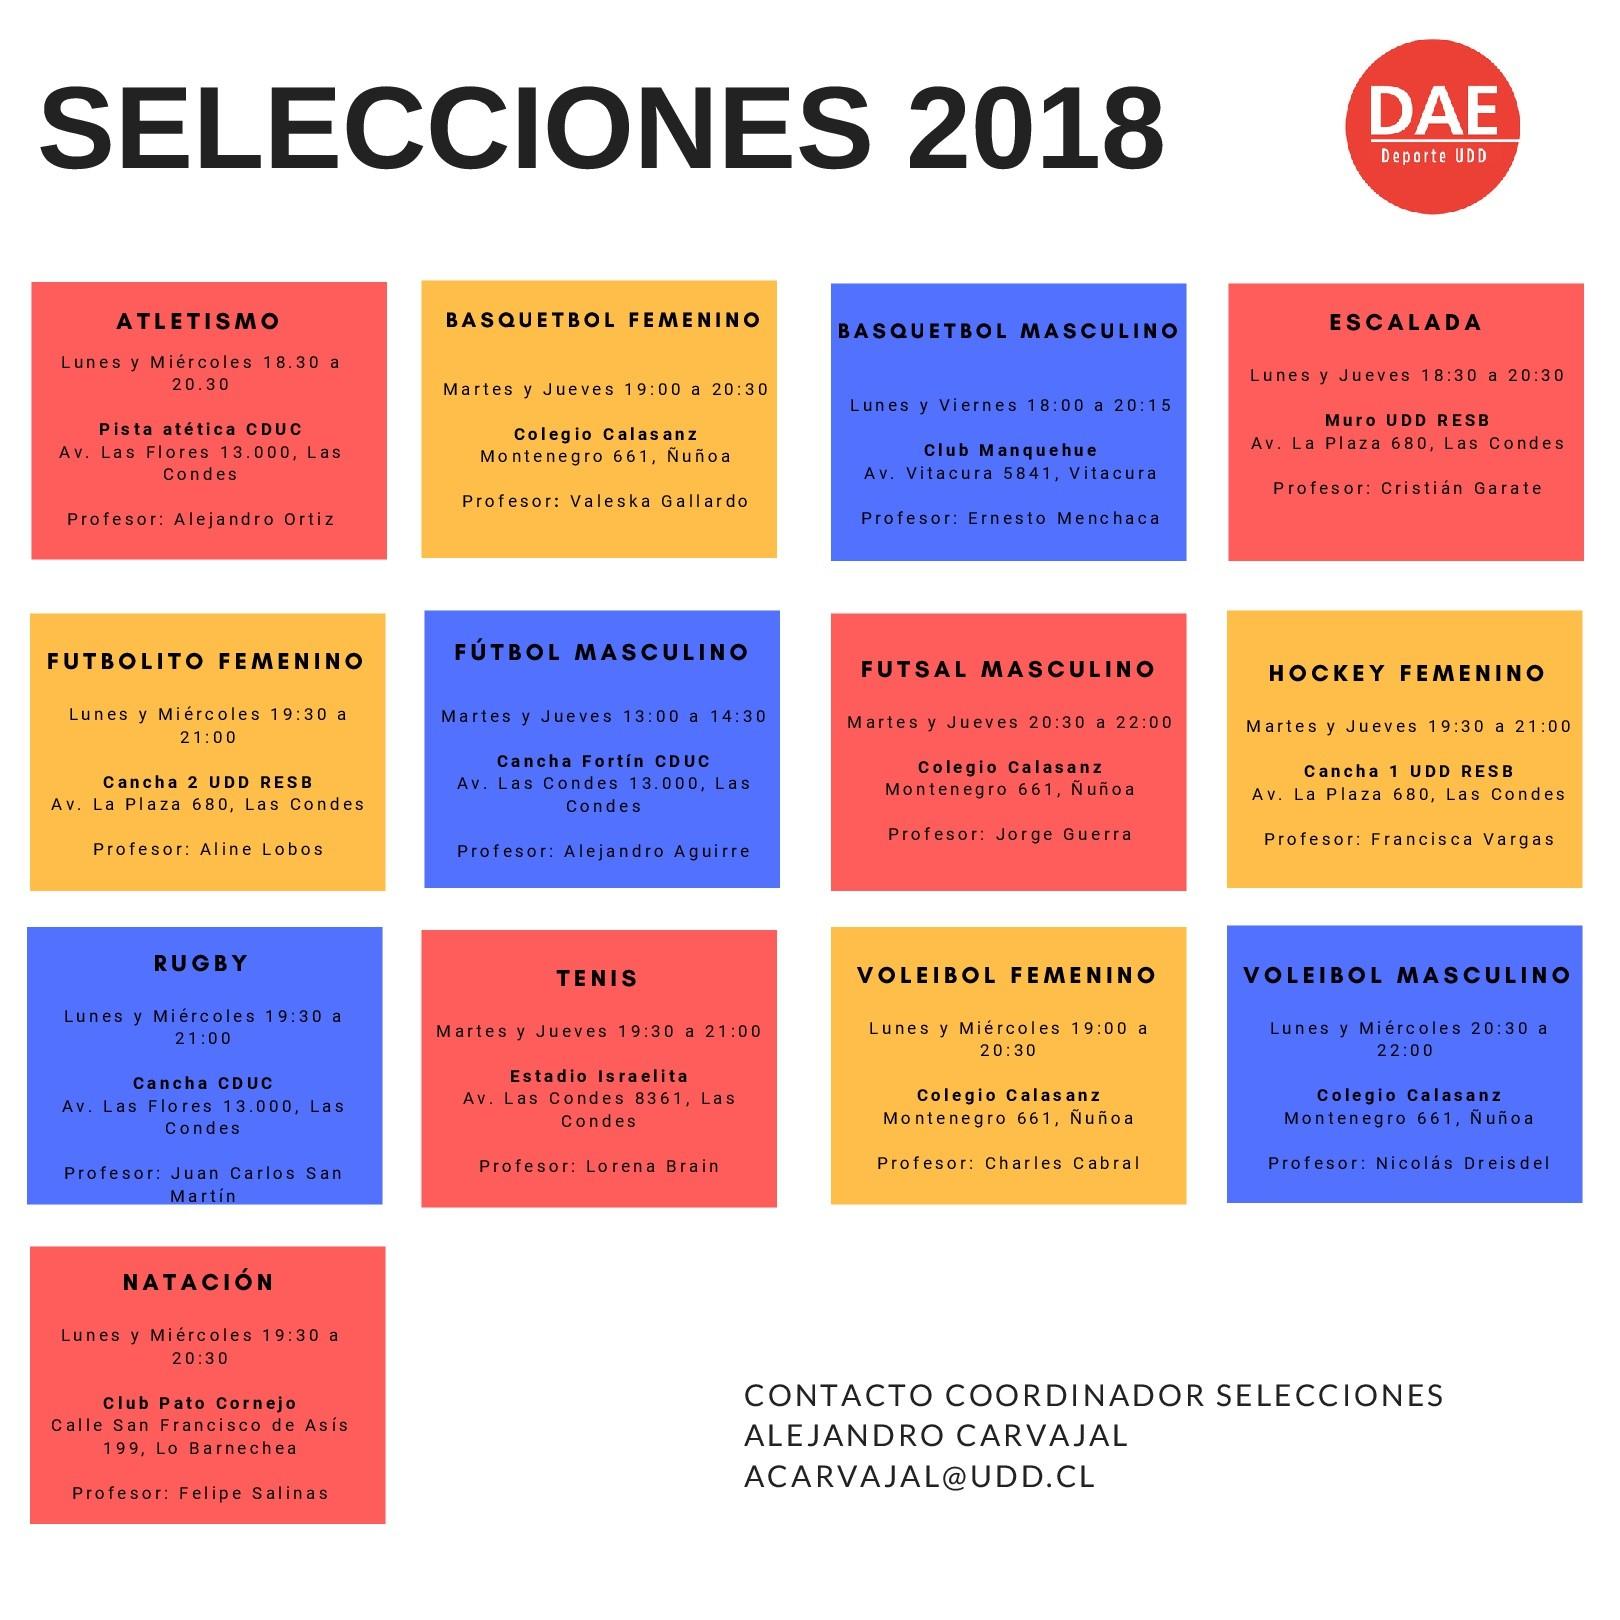 Calendario 2019 De Chile Para Imprimir Más Recientemente Liberado Selecciones Y Talleres Udd Of Calendario 2019 De Chile Para Imprimir Actual Cursos Od Y De Carrera En Inglés 2 2016 Relaciones